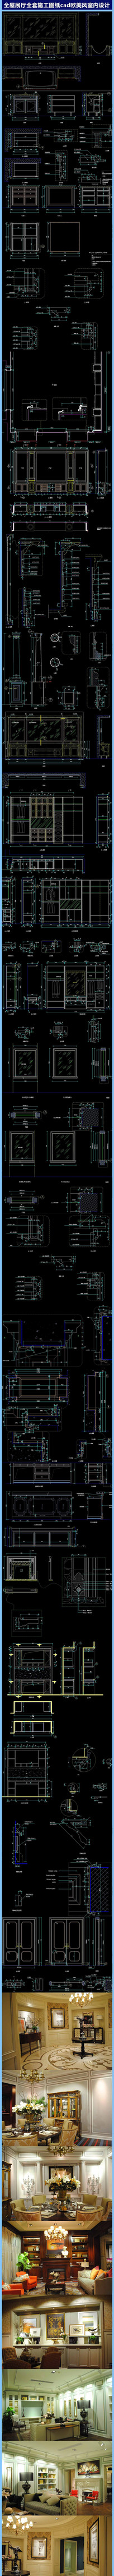 全屋展厅全套施工图纸cad欧美风室内设计